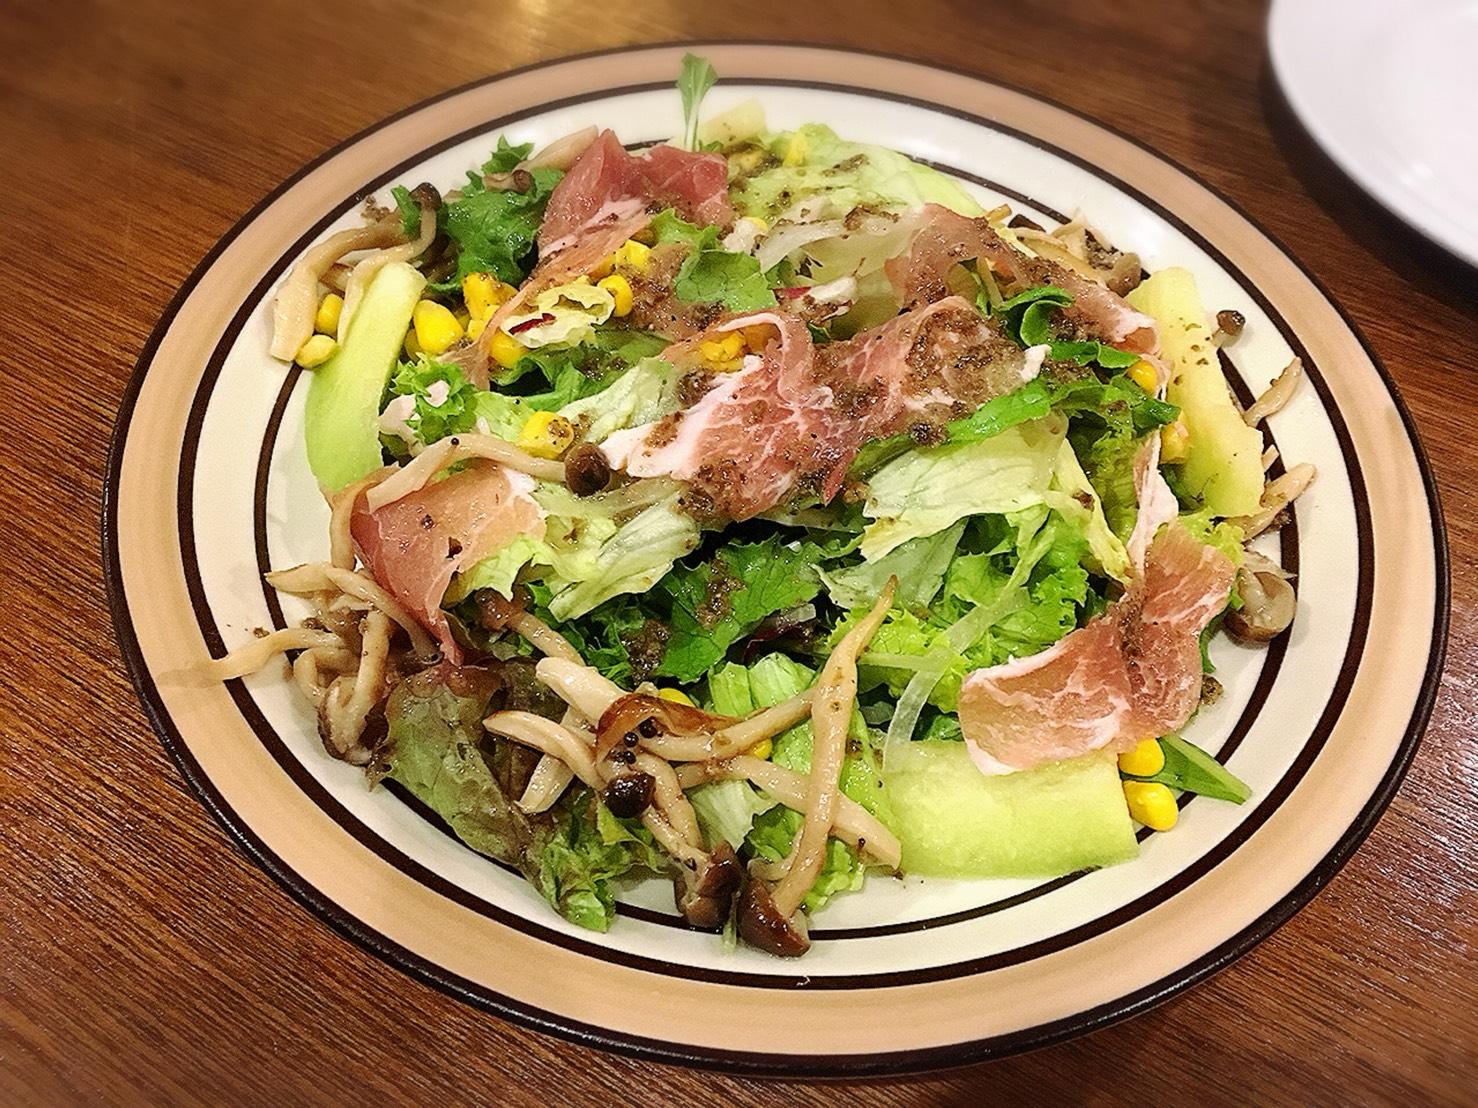 【池袋駅】おっとり系イタリアン「トラットリア・コン・アマーレ」の気まぐれサラダ